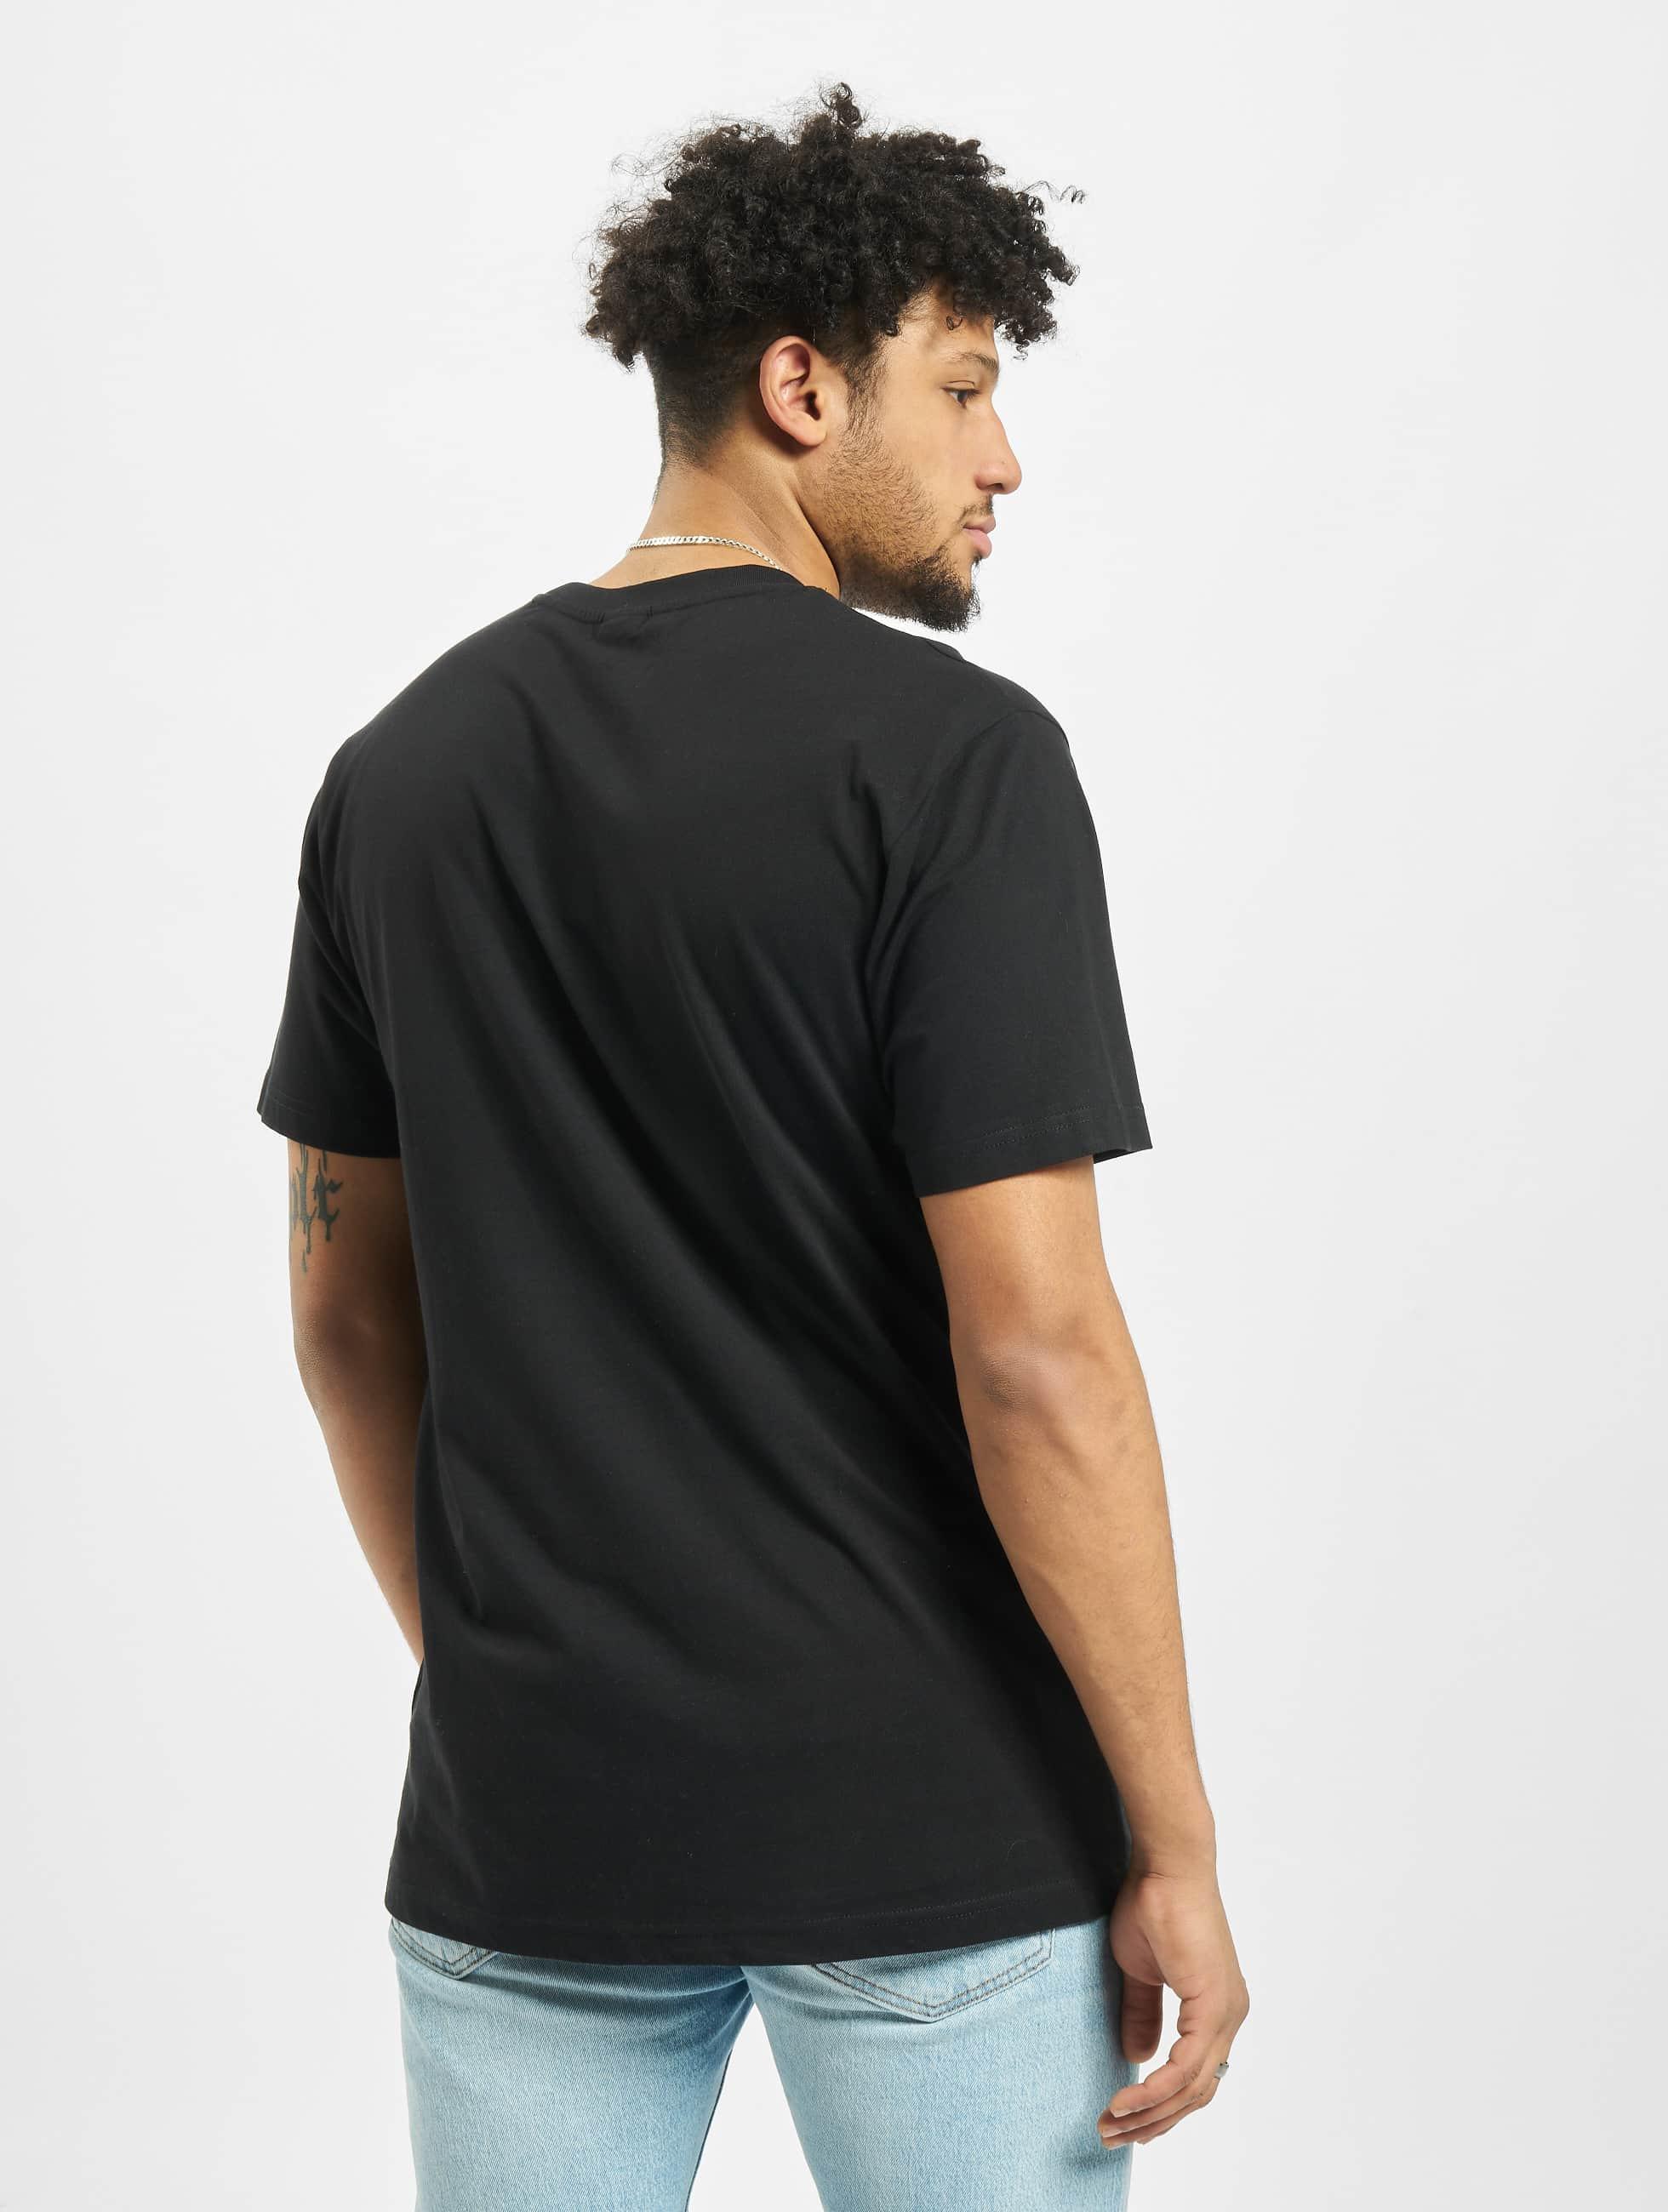 Mister Tee T-Shirt Run DMC Kings Of Rock schwarz